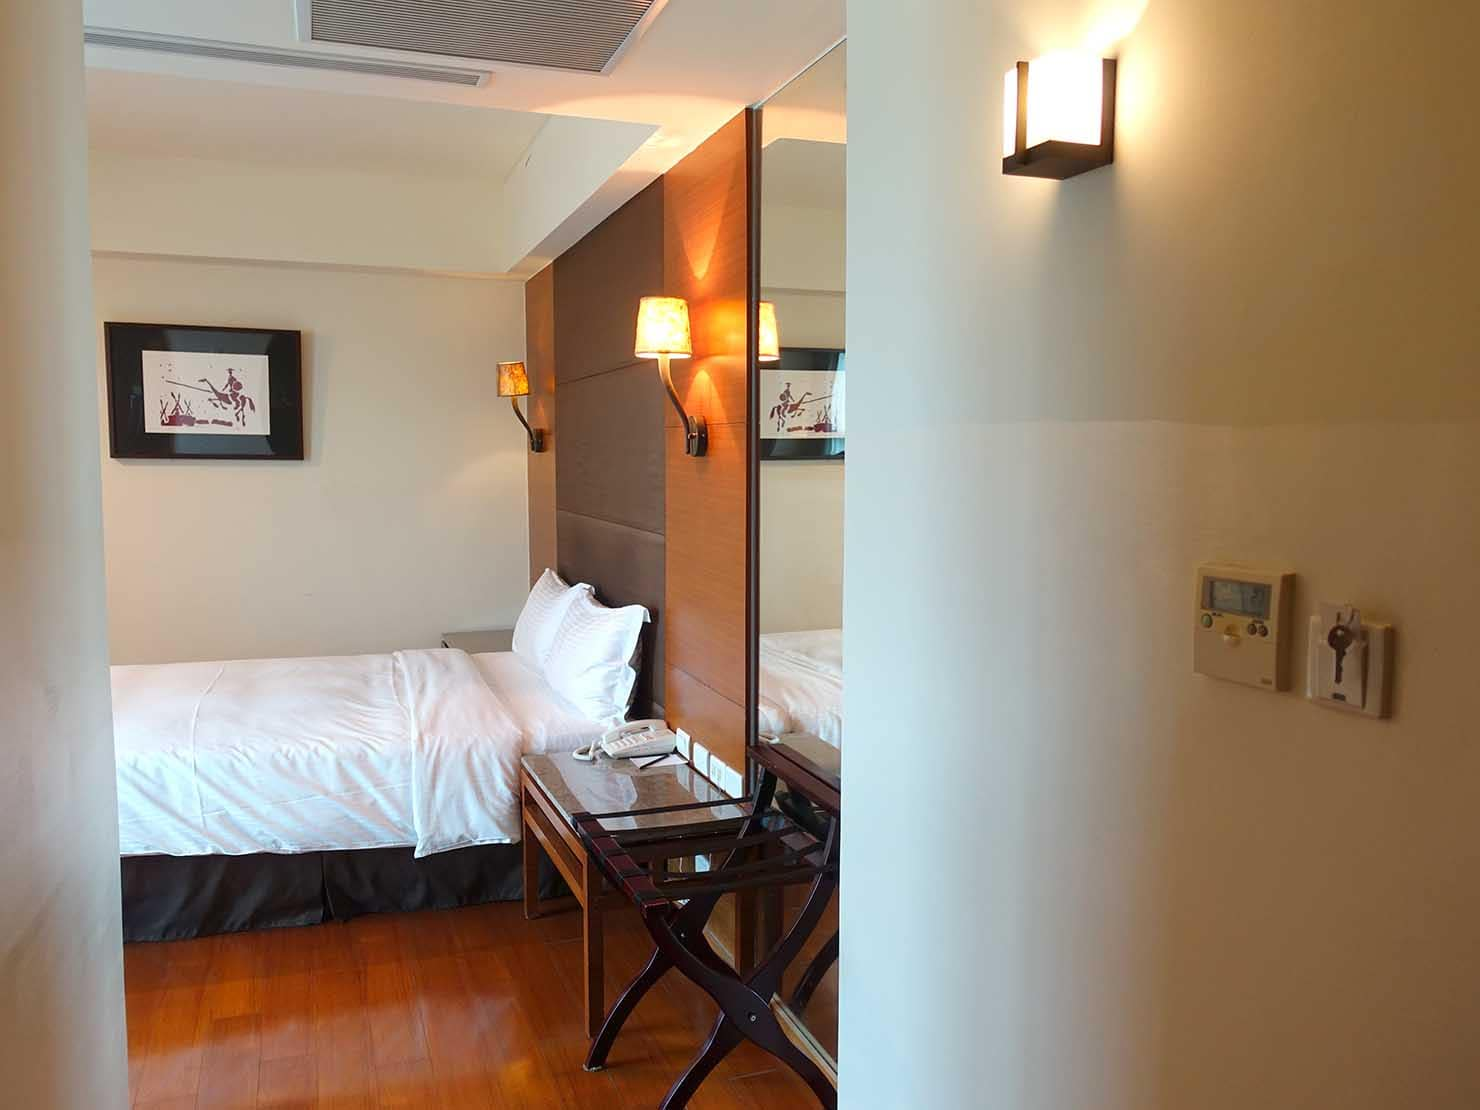 花蓮市街中心部にあるホテル「馥麗生活旅店 Quality Inn」スーペリアダブルの廊下